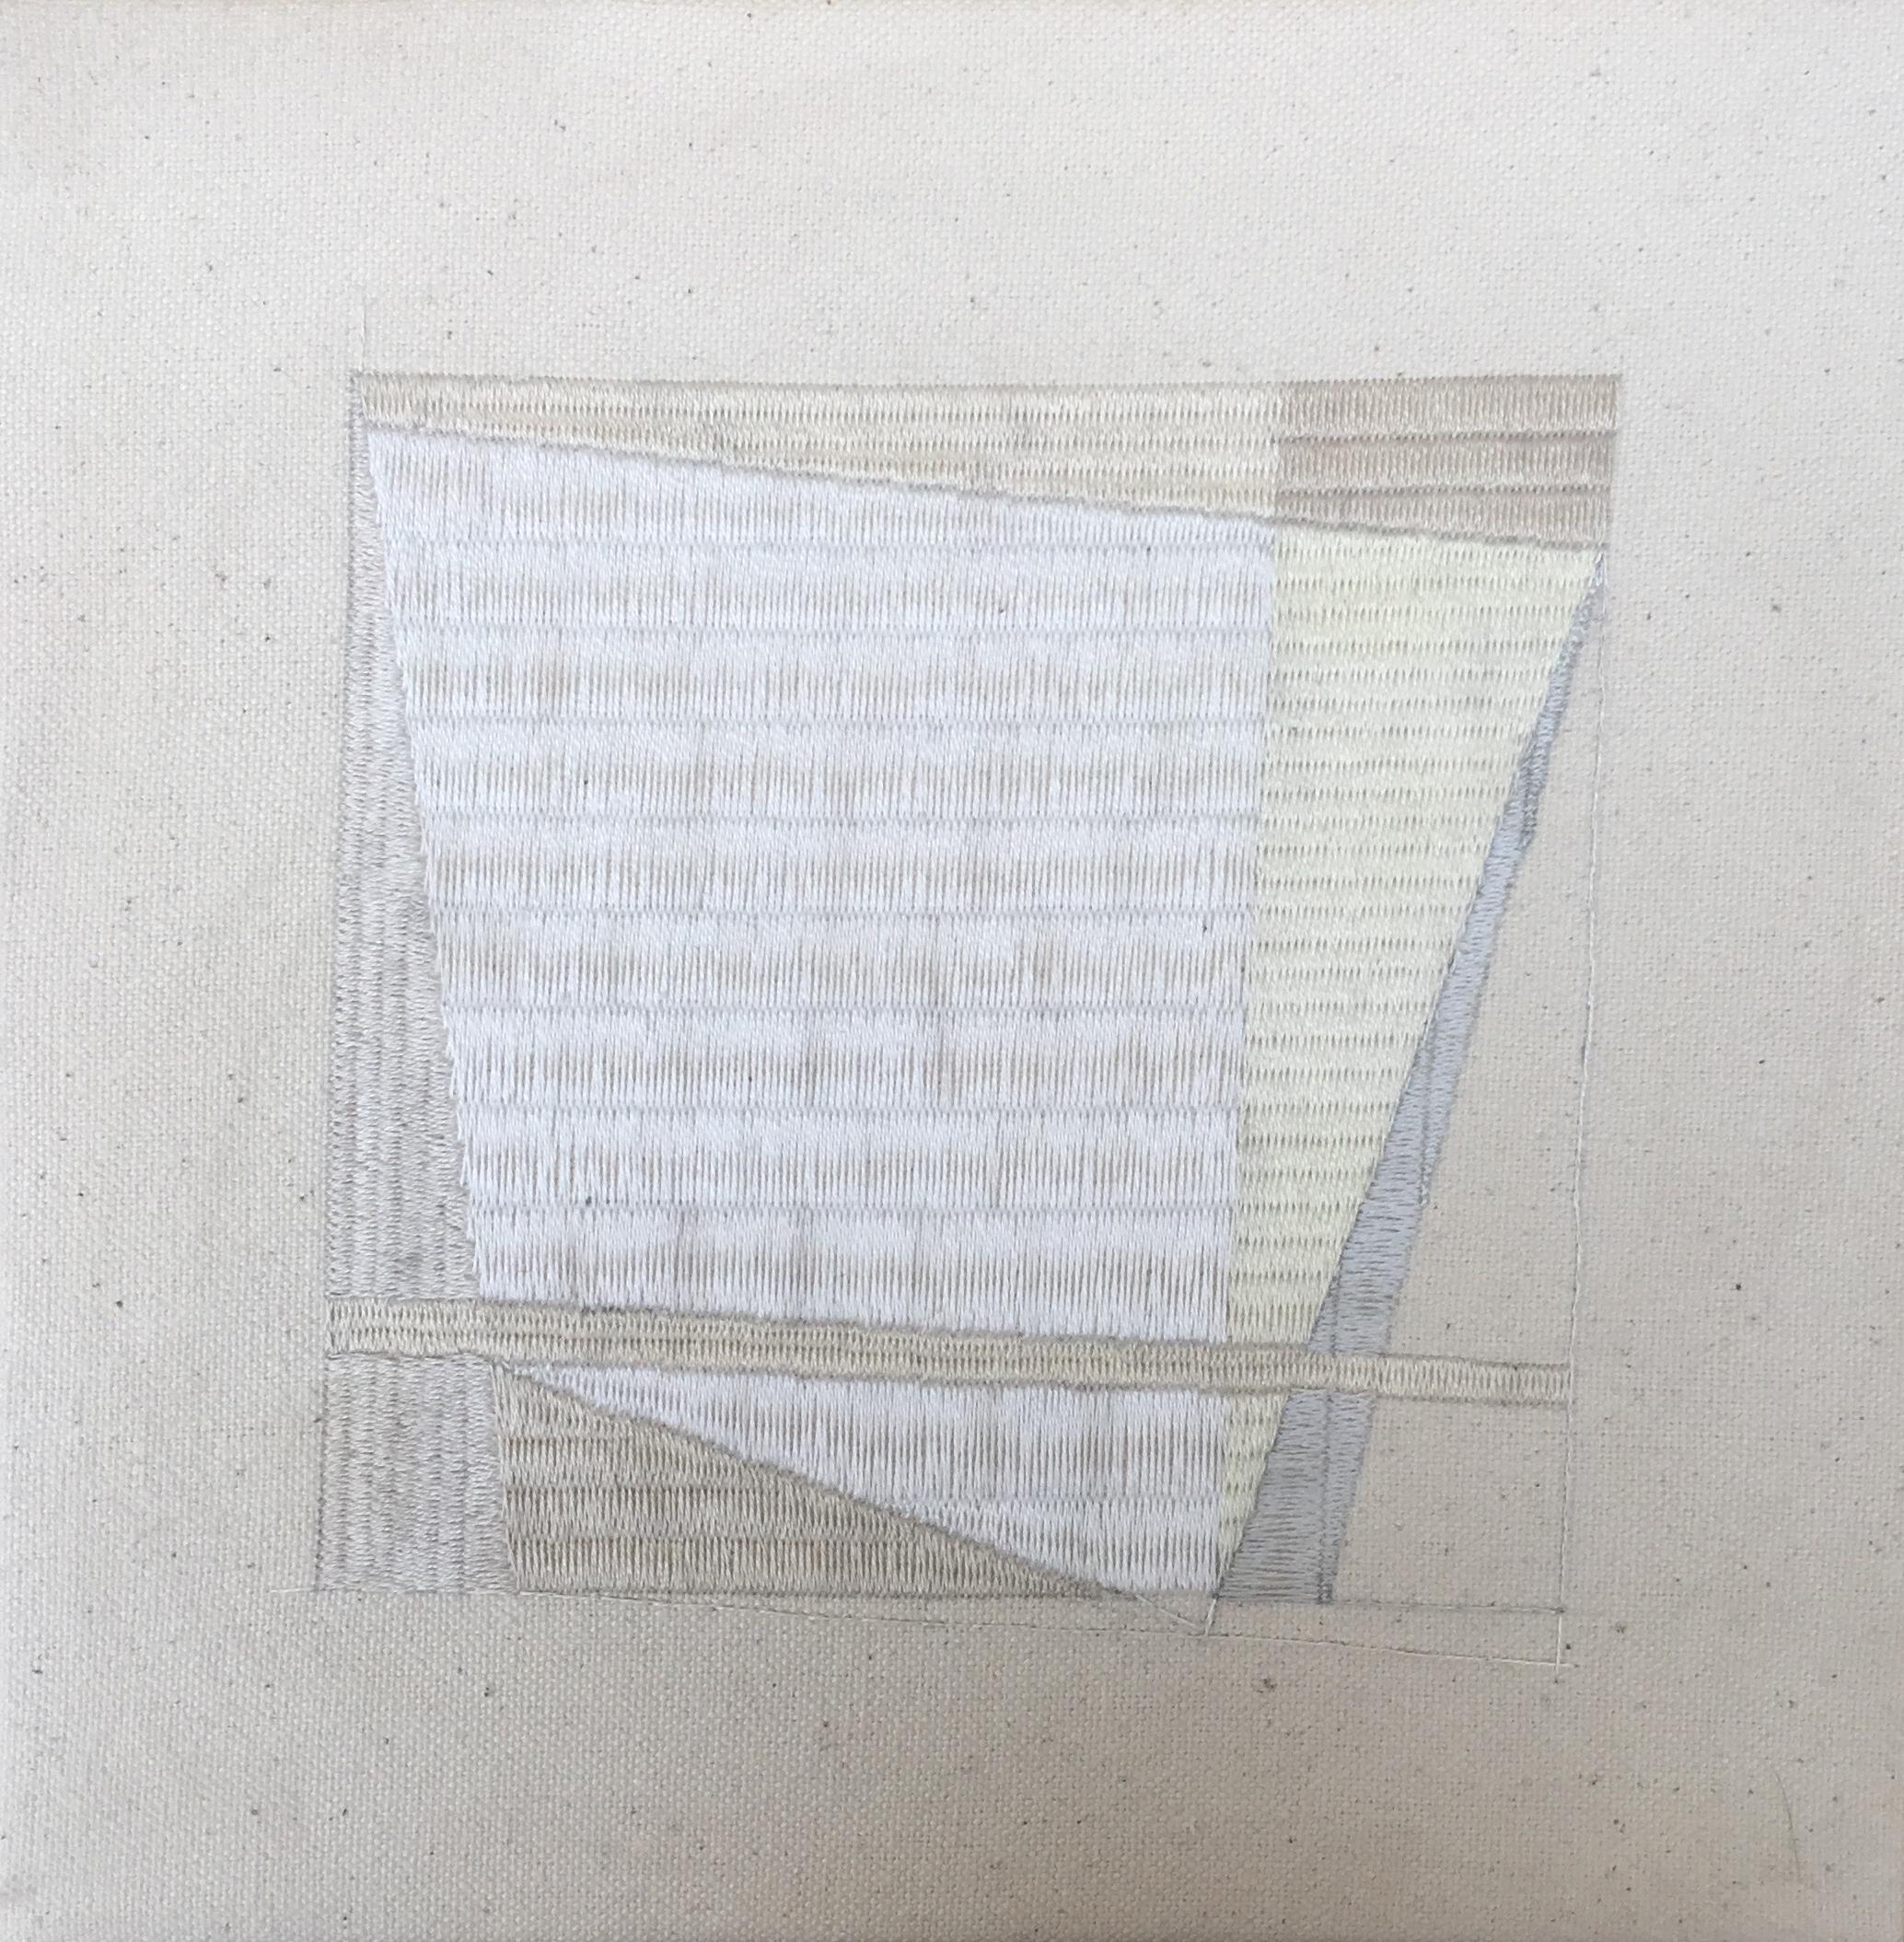 sketch #2 - 2018DMC thread on stretched canvas